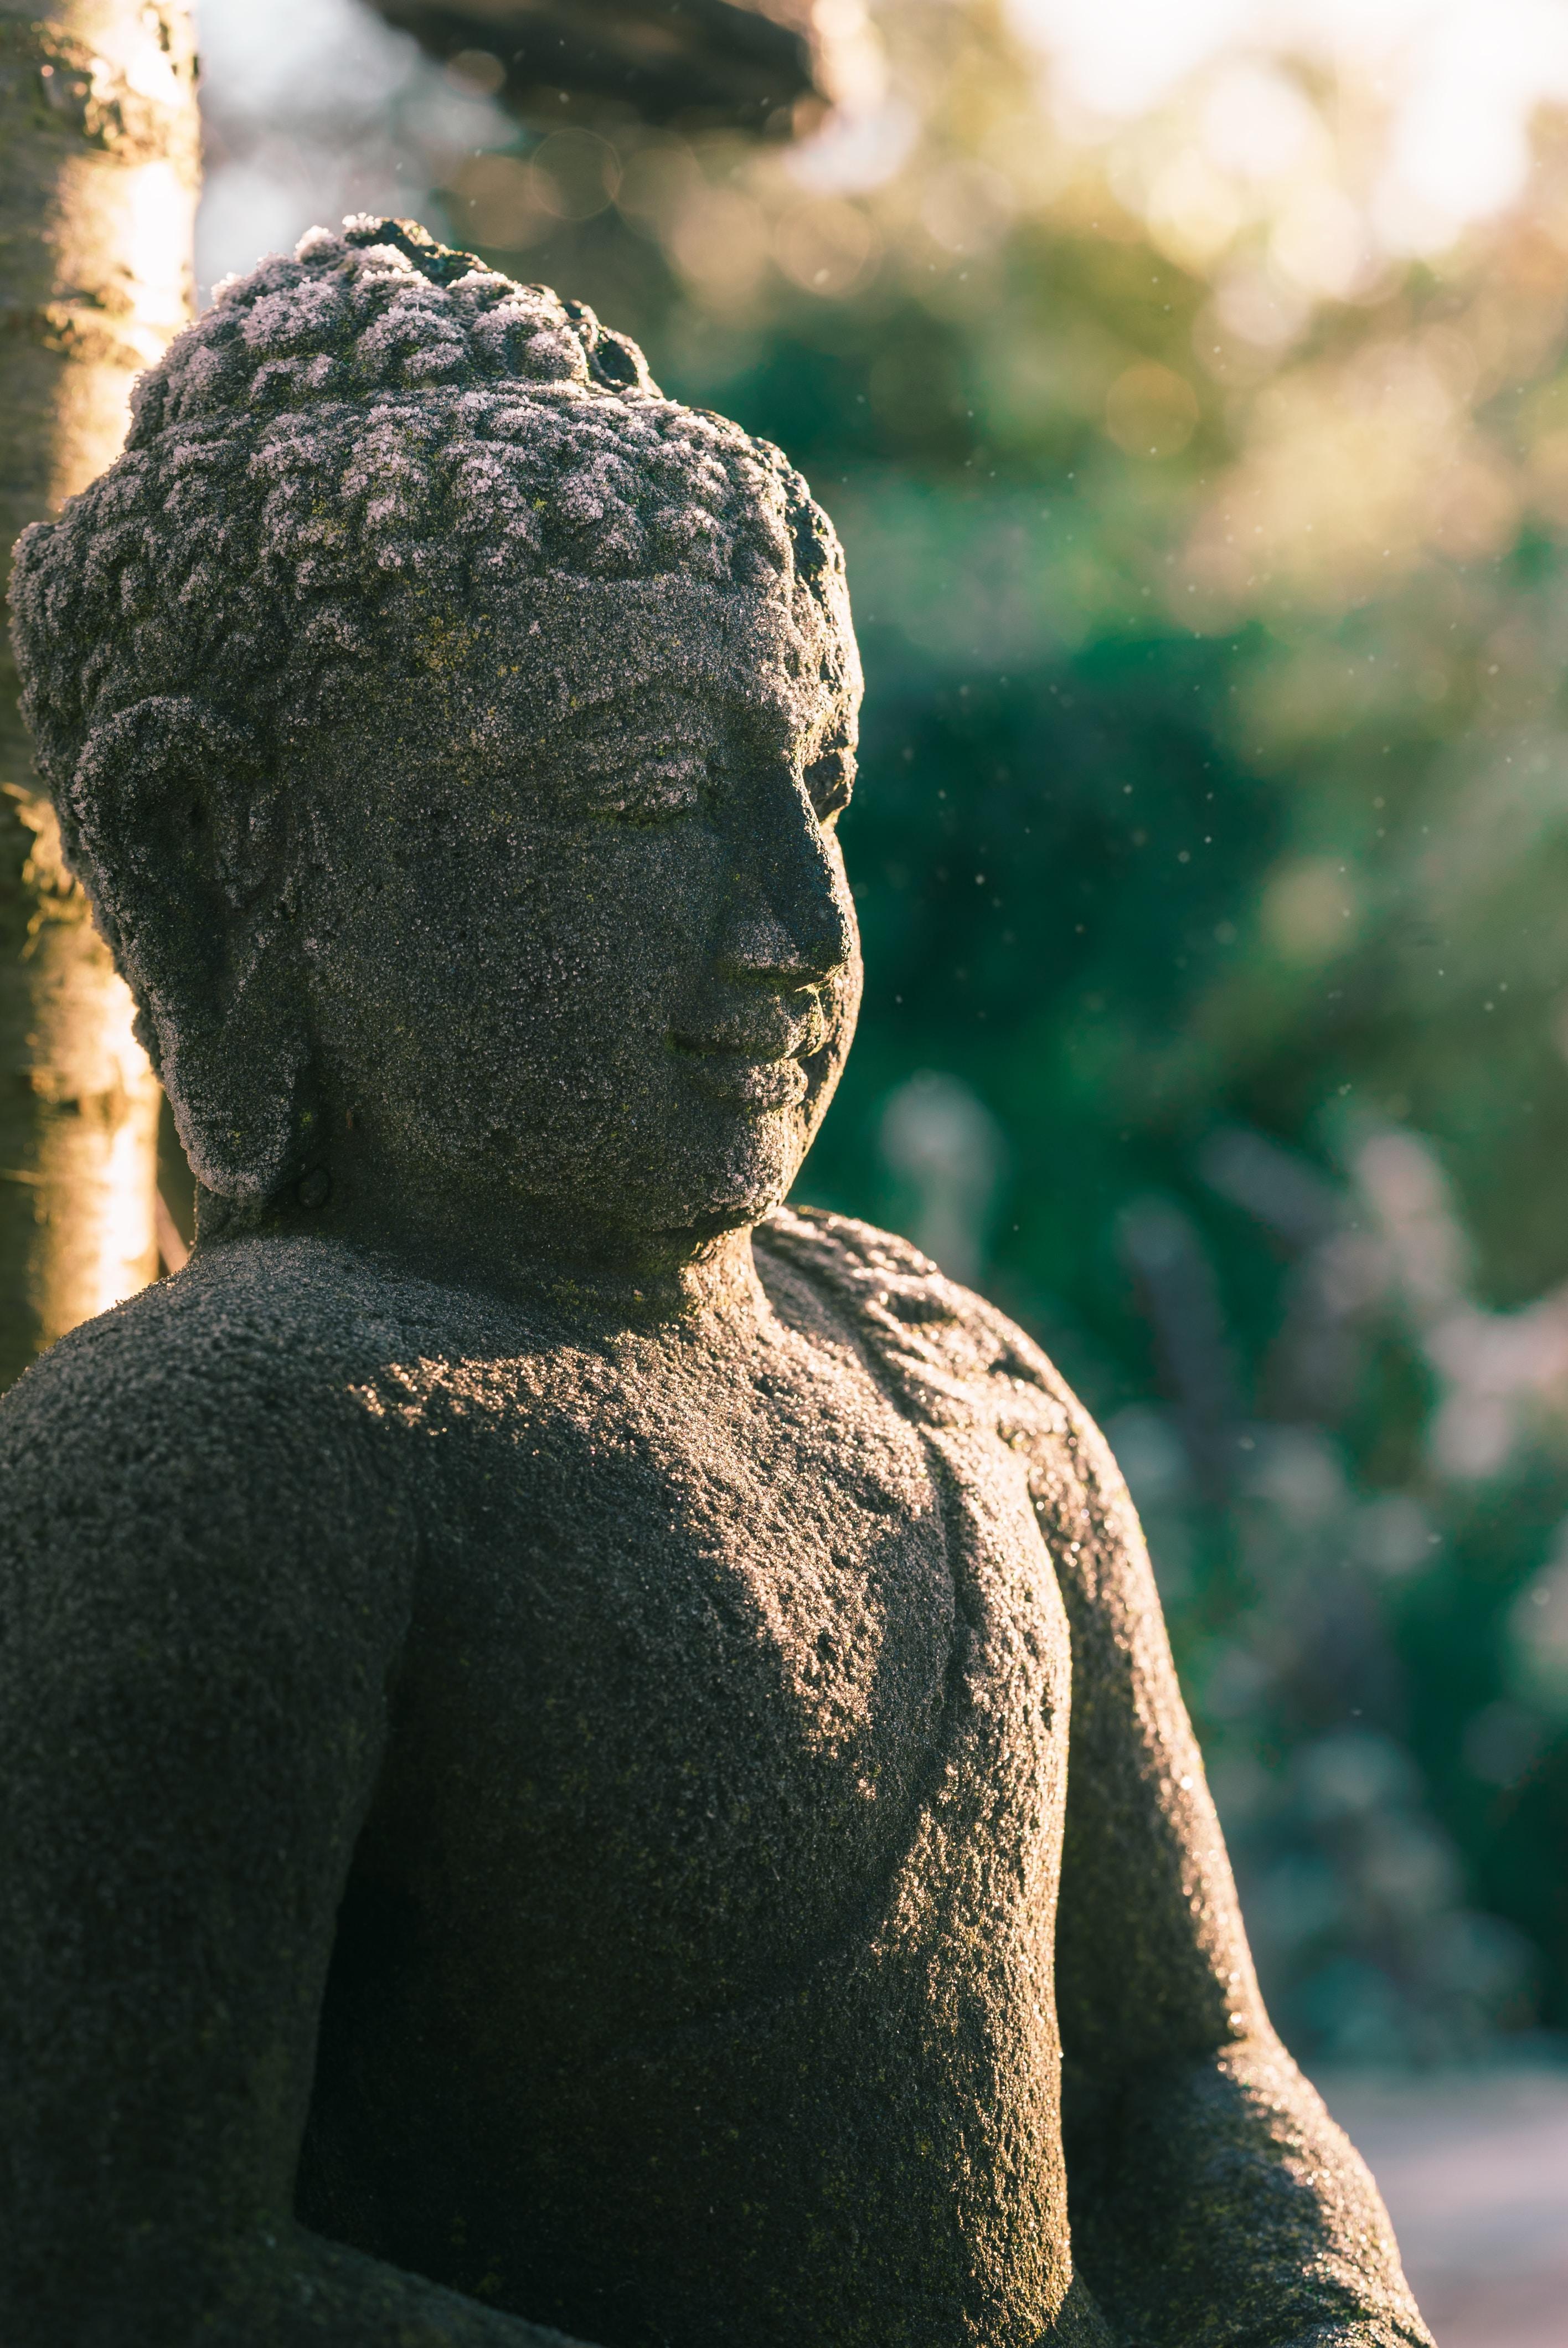 122195 скачать обои Разное, Статуя, Будда, Буддизм, Каменный, Скульптура - заставки и картинки бесплатно